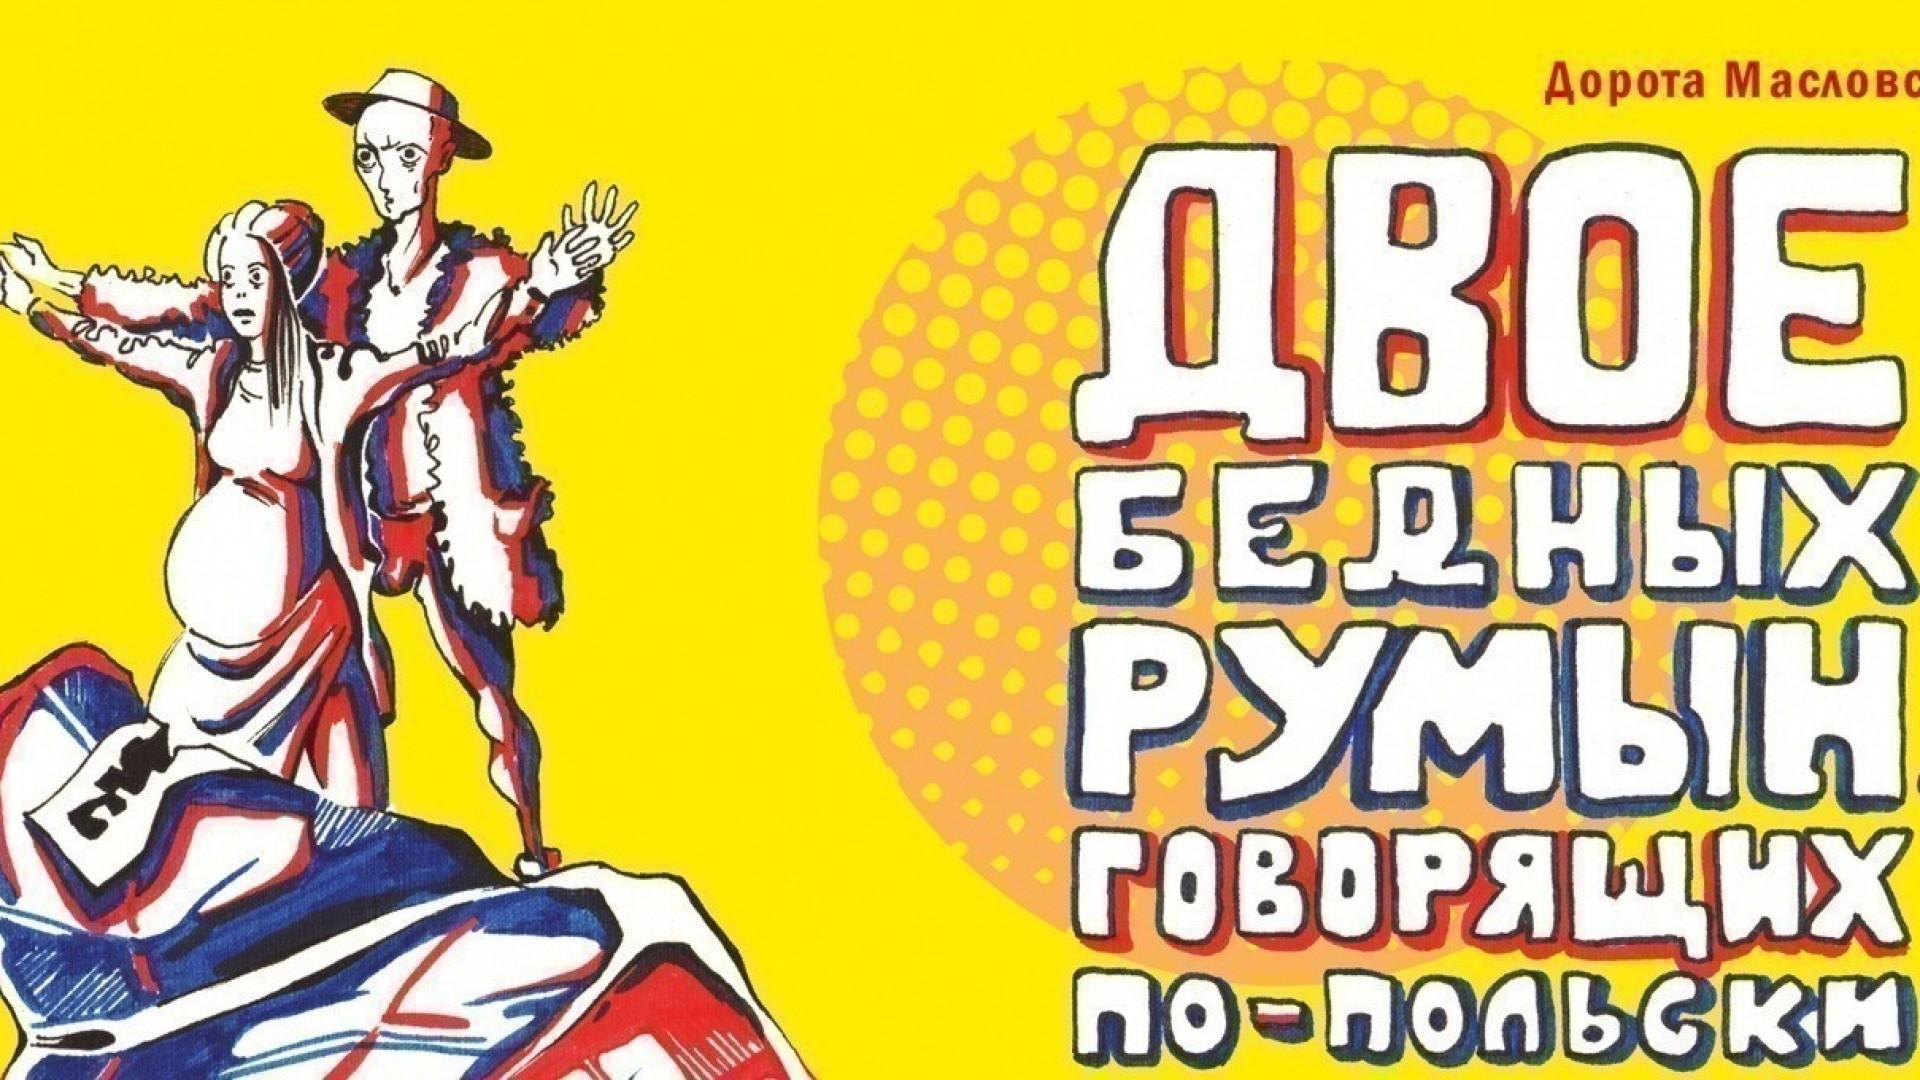 Премьера в«Старом доме»:«Двое бедных румын, говорящихпо-польски»